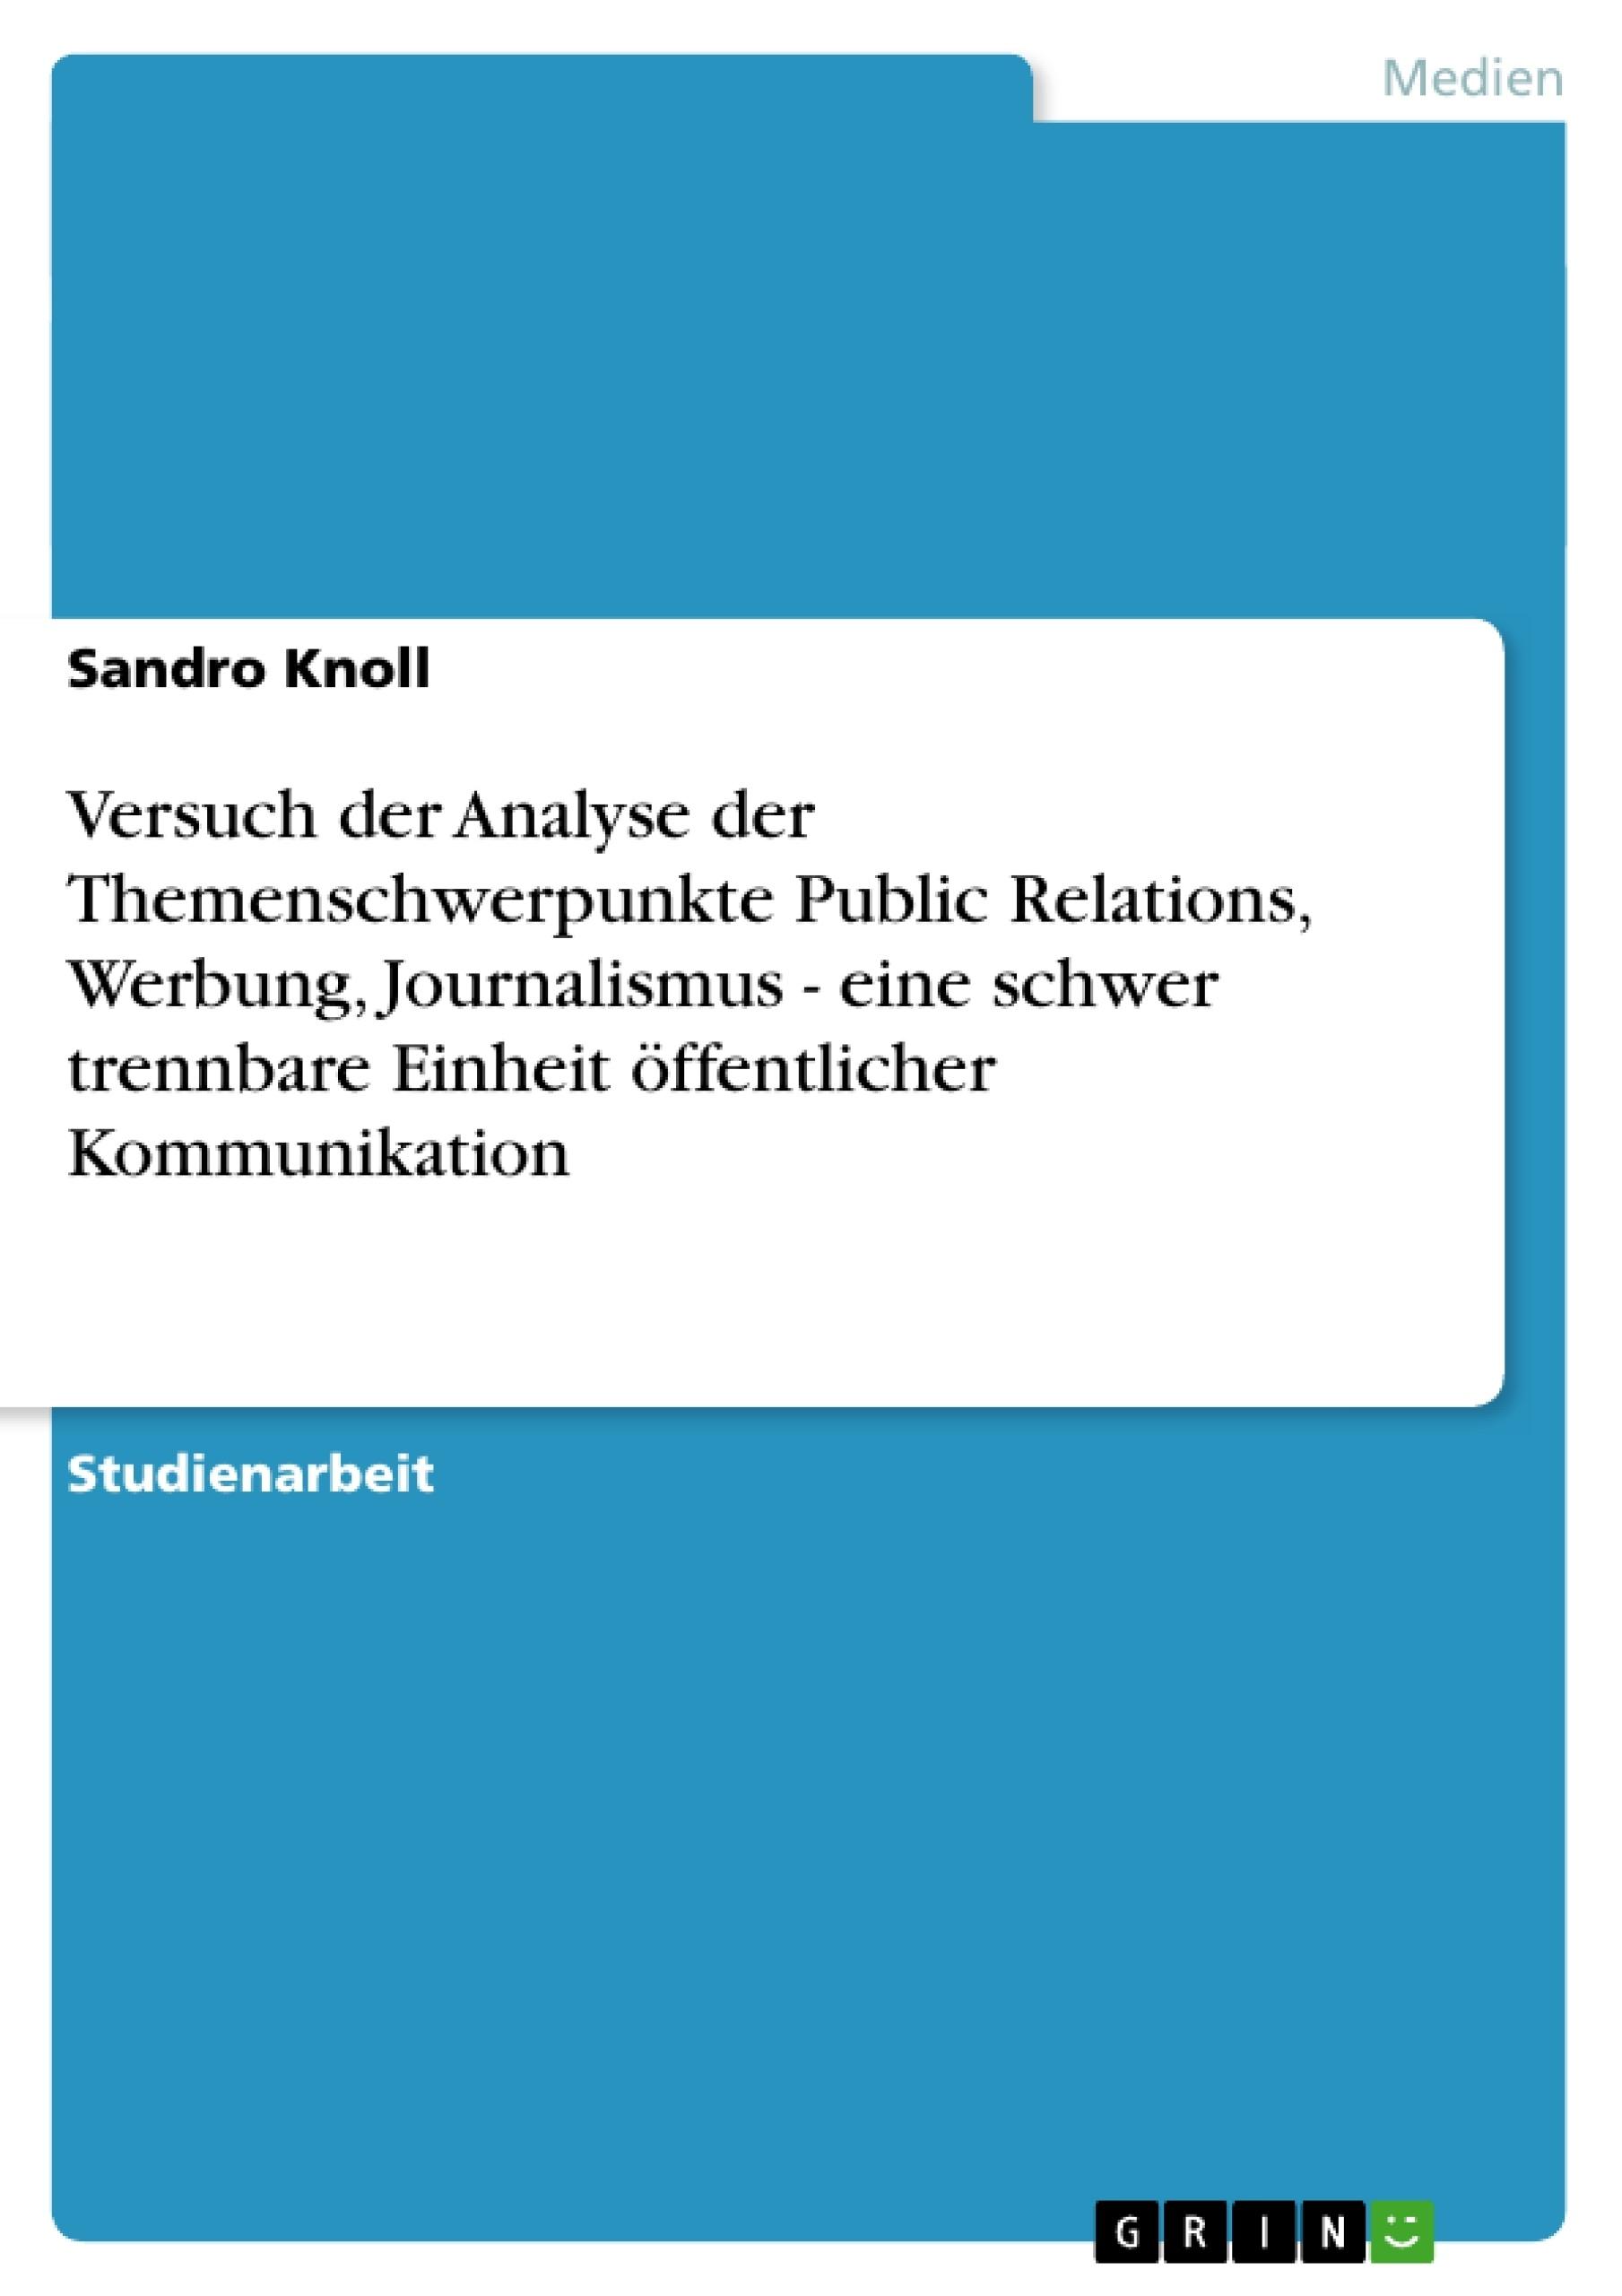 Titel: Versuch der Analyse der Themenschwerpunkte Public Relations, Werbung, Journalismus - eine schwer trennbare Einheit öffentlicher Kommunikation